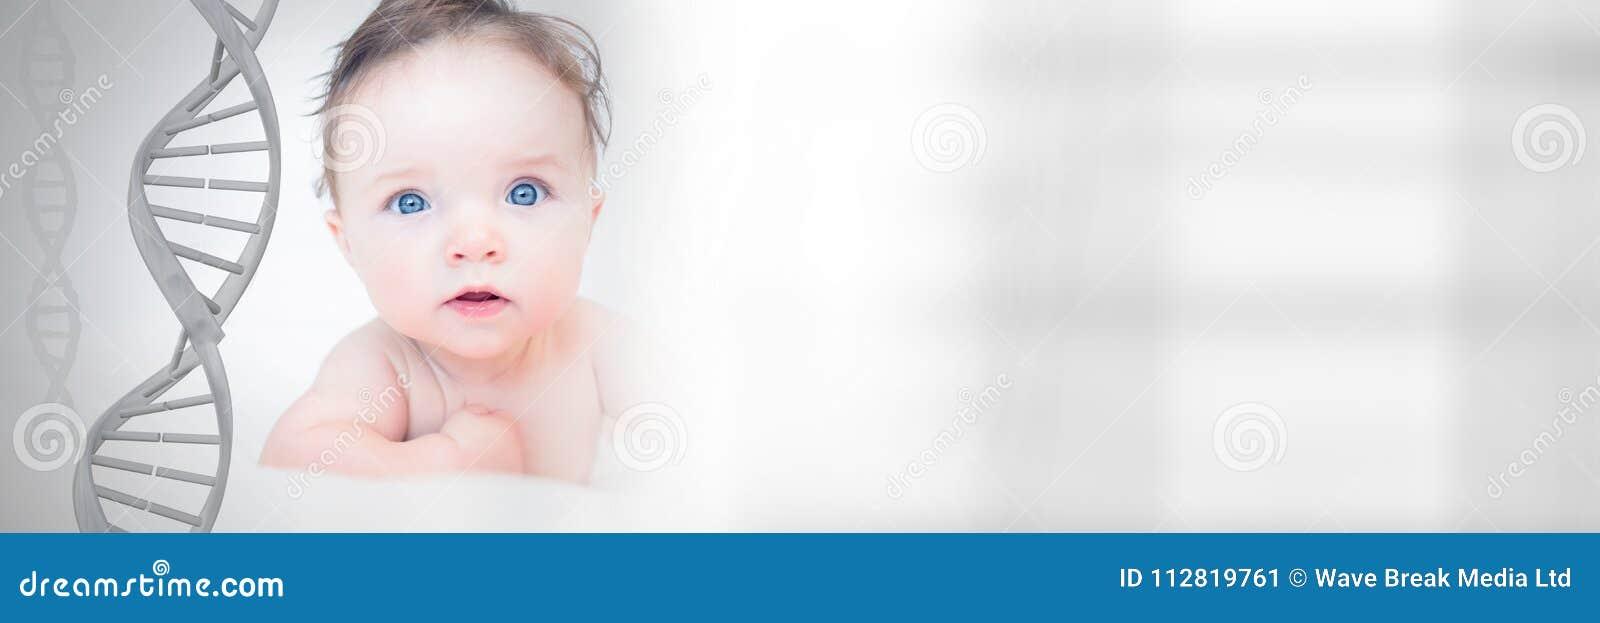 Dziecko z genetycznym DNA